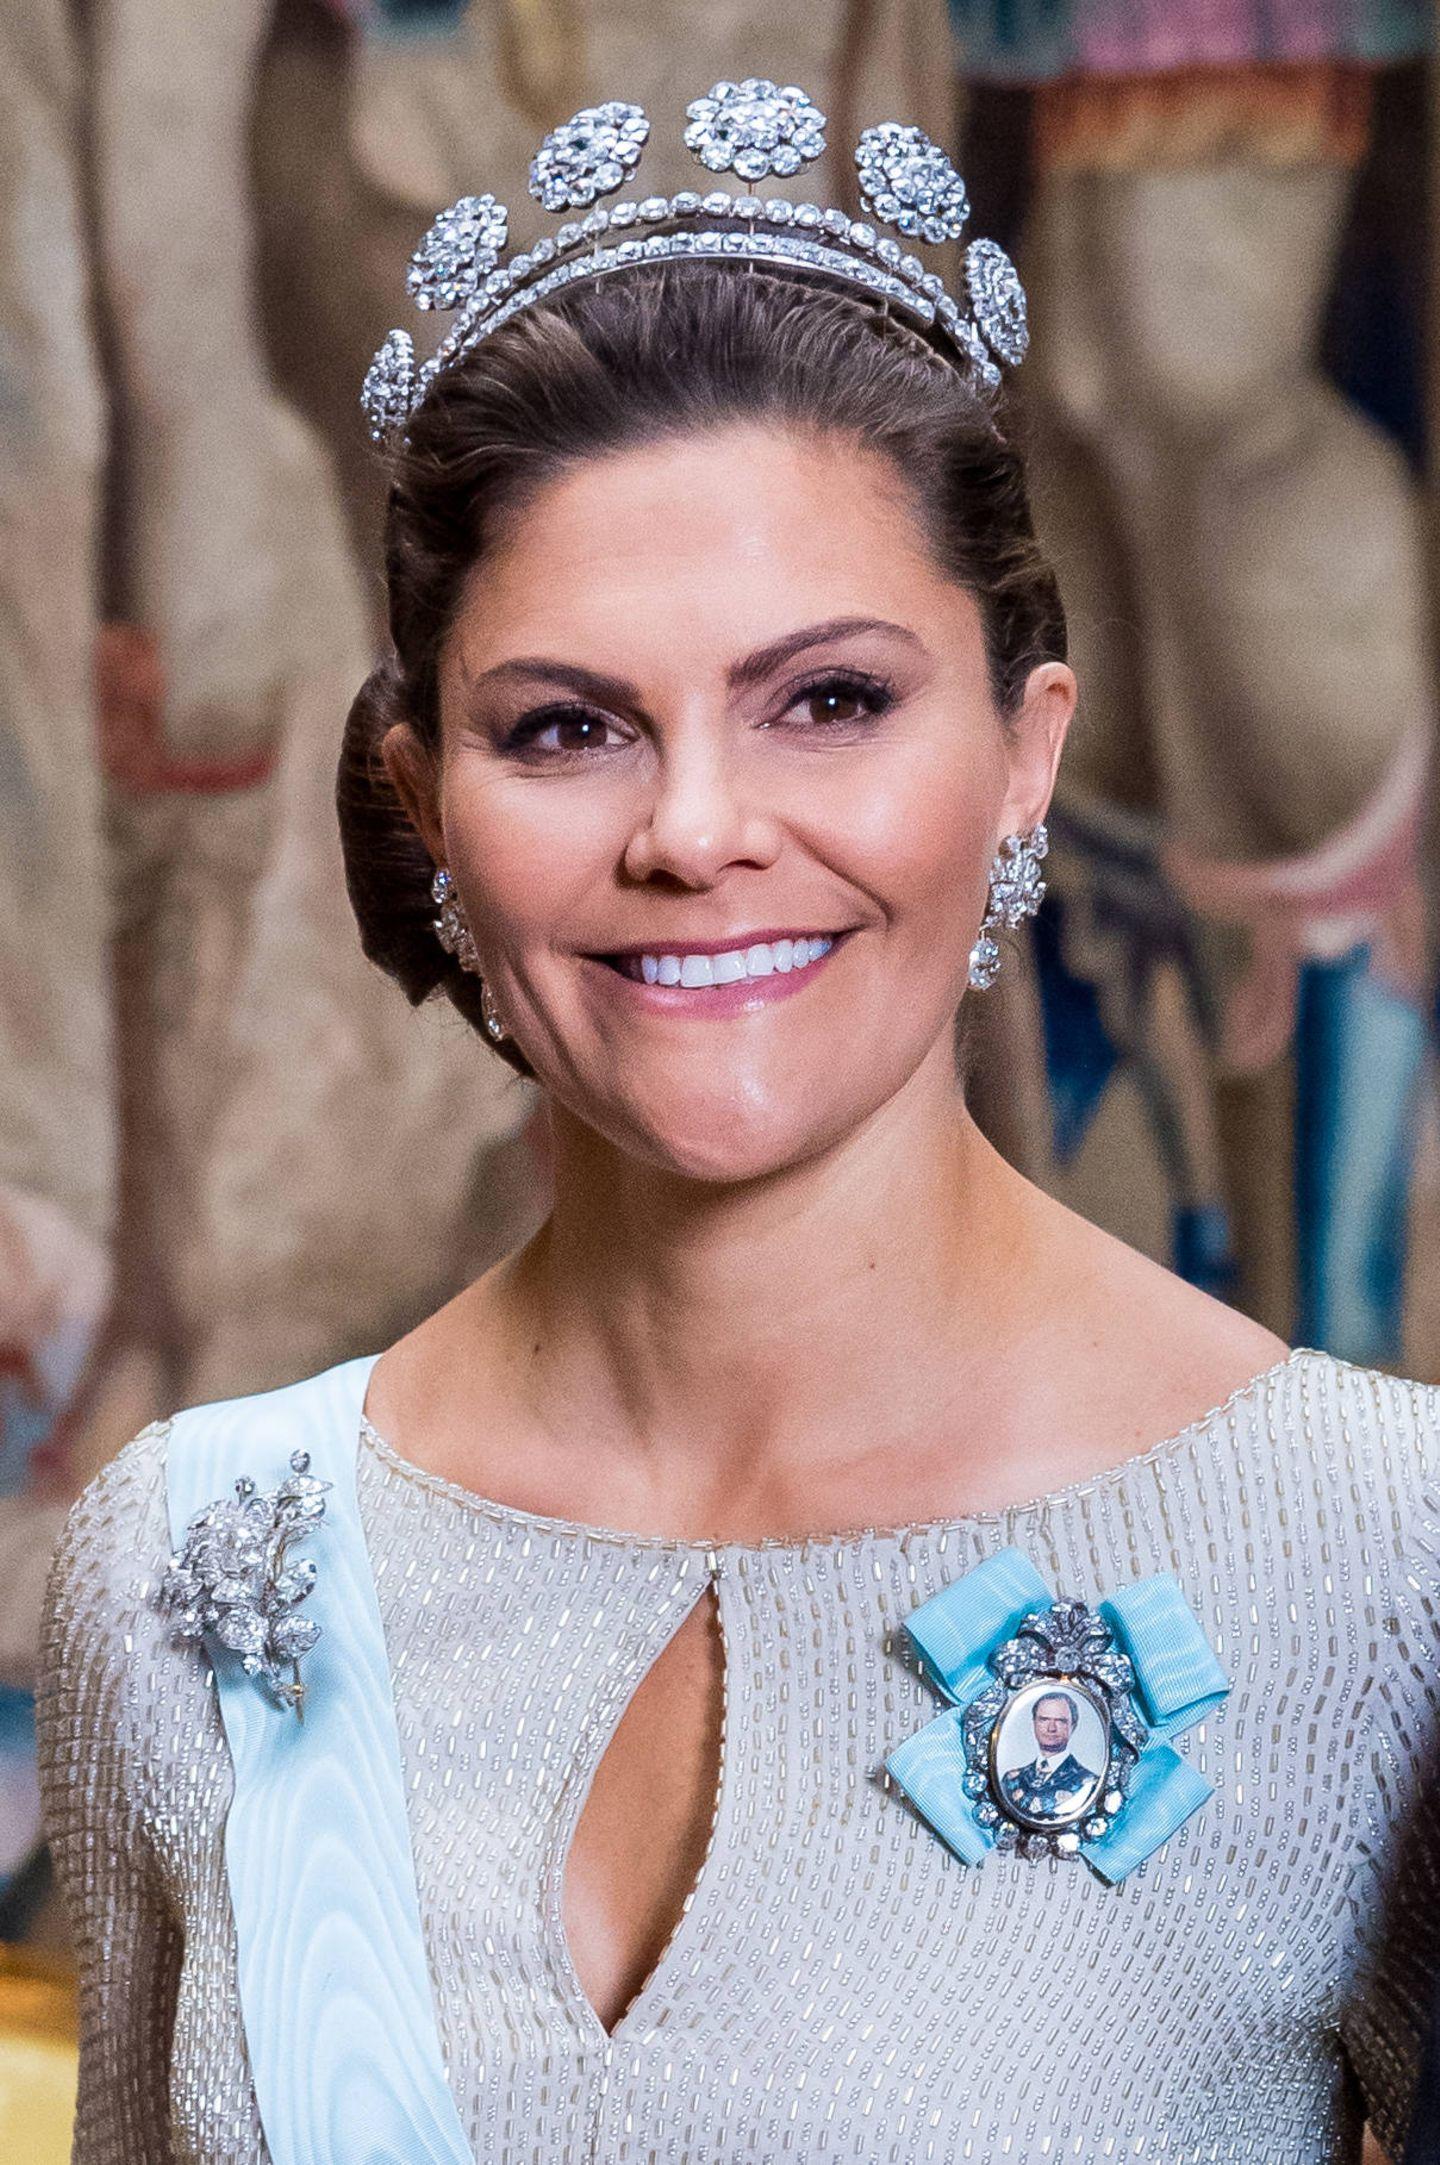 """Schwedische Königsfamilie: 12. November 2019 Wunderschön gekrönt mit der """"6-Knopf-Tiara"""" und einer Carl-Gustaf-Portrait-Brosche am Kleid geht es für Prinzessin Victoria zum """"Representationsmiddag""""."""